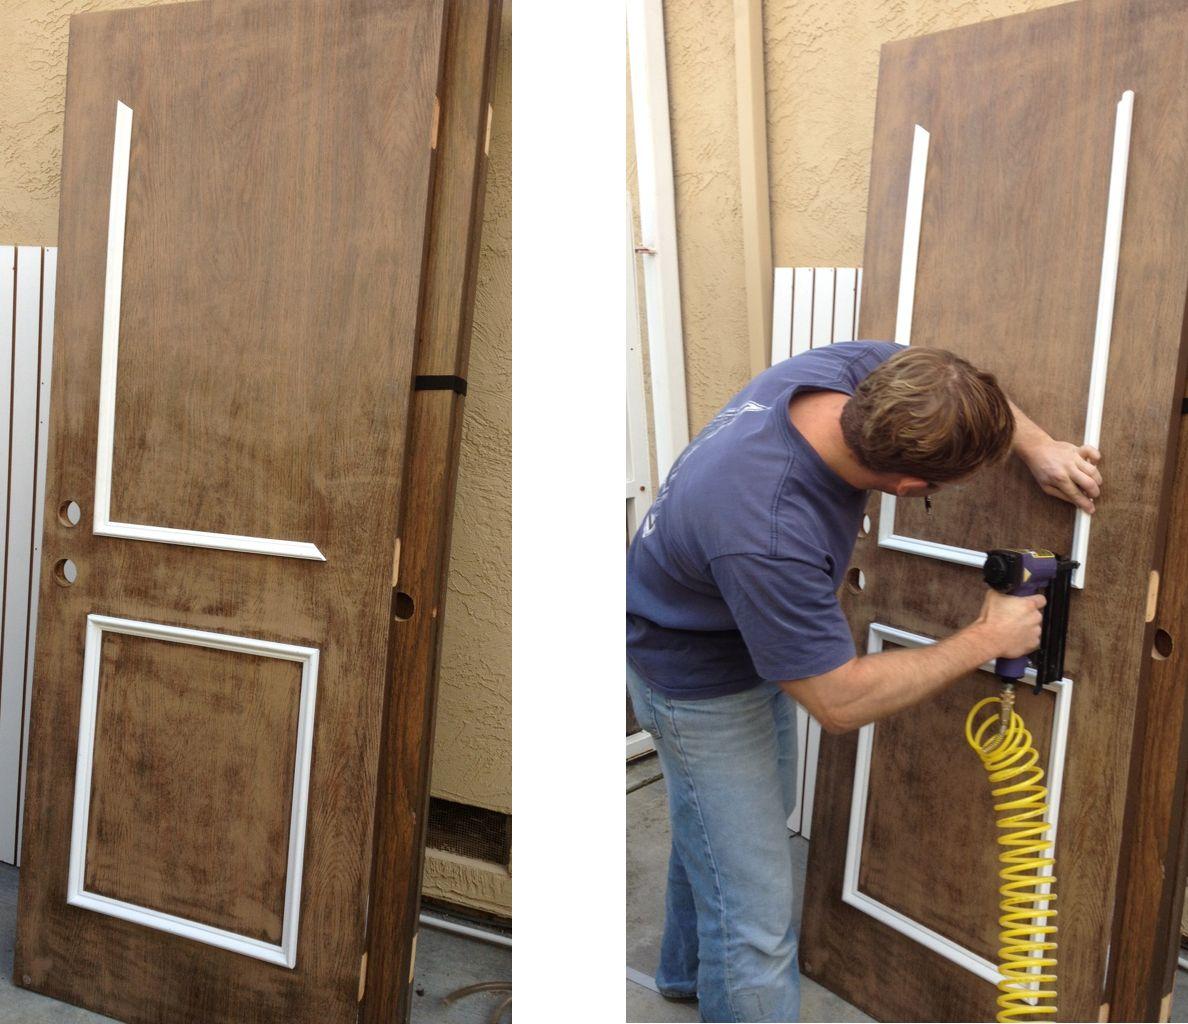 чем можно заменить межкомнатную дверь фото месте бровей